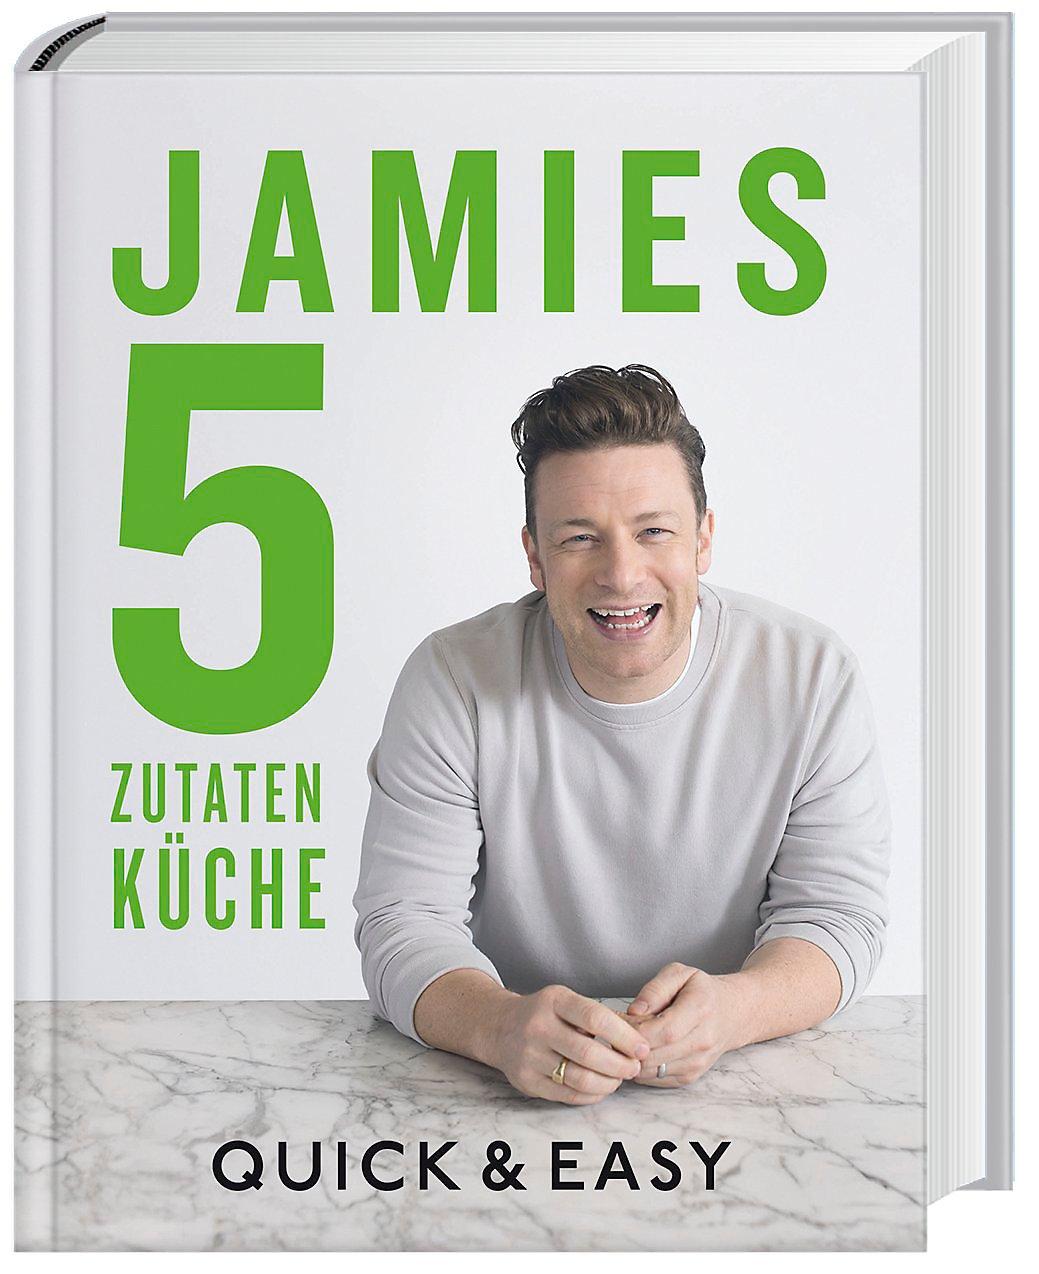 Jamies 5-Zutaten-Küche Buch bei Weltbild.de online bestellen